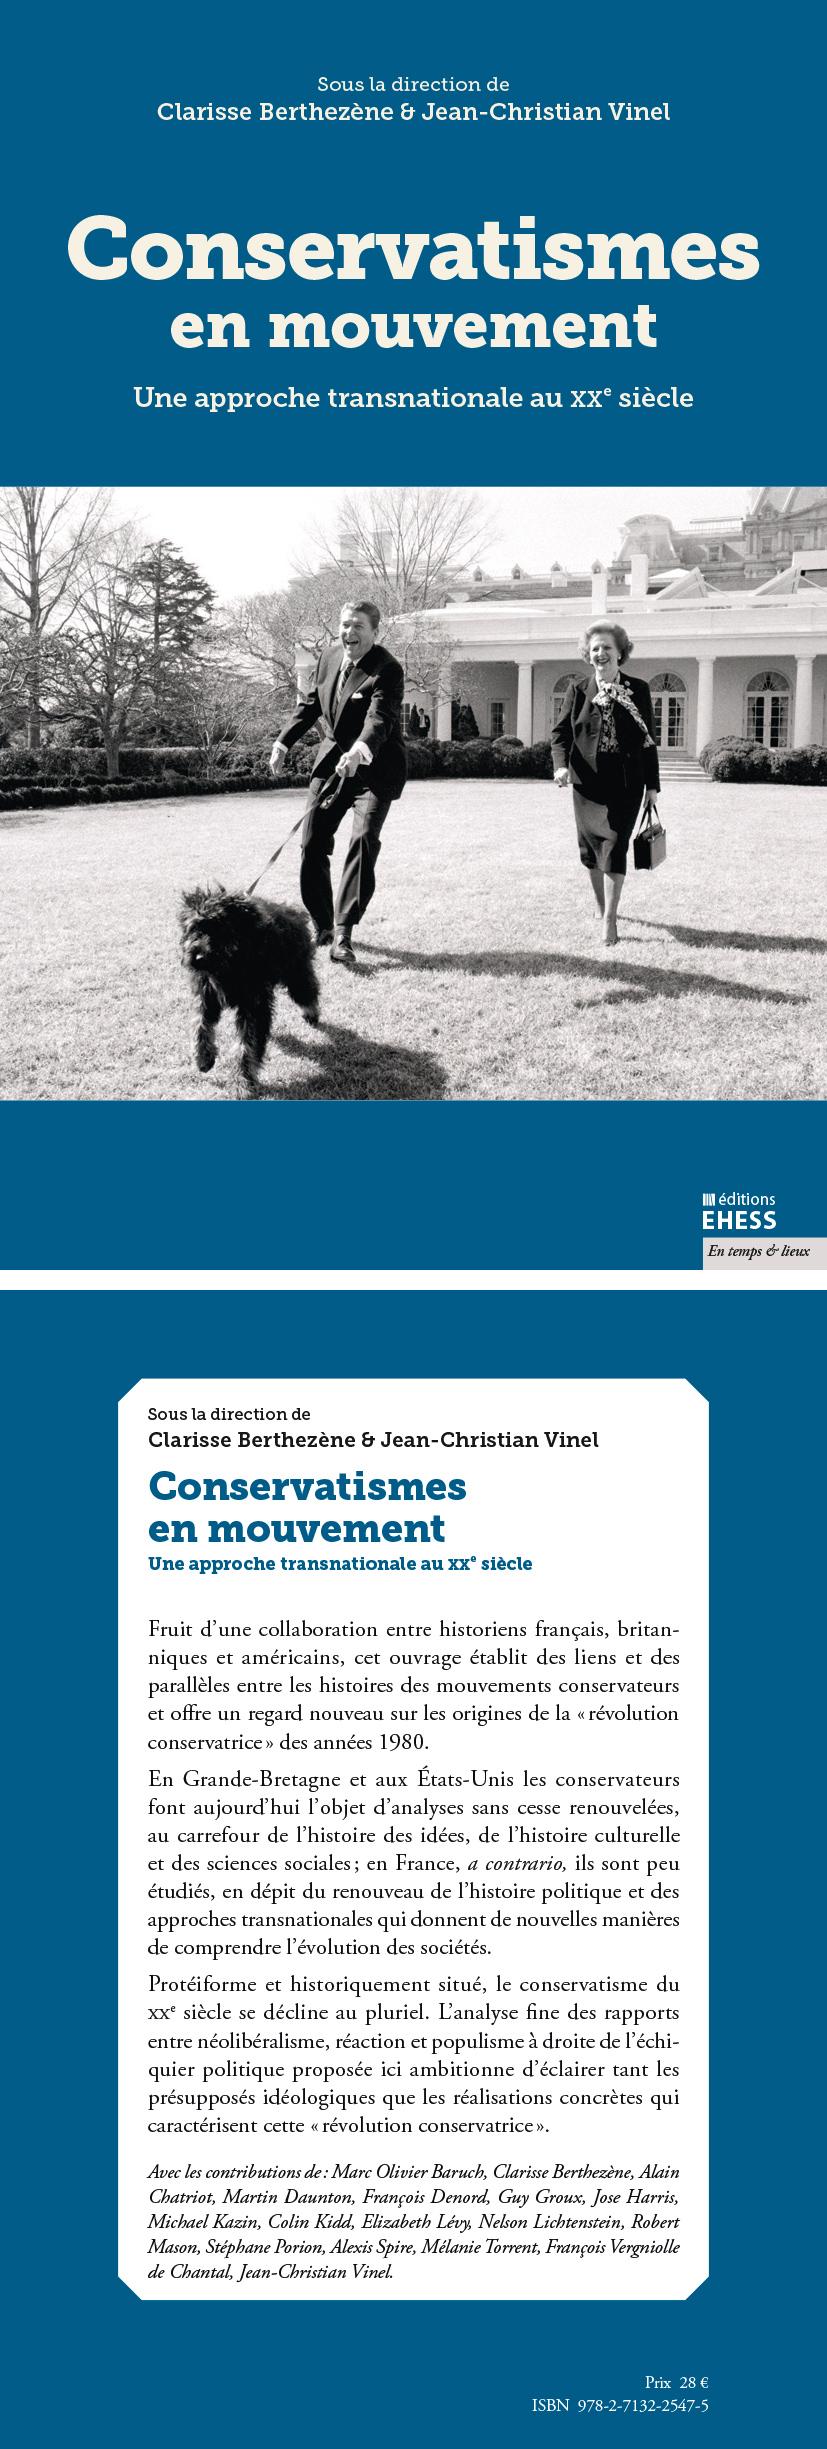 conservatismes-flyer